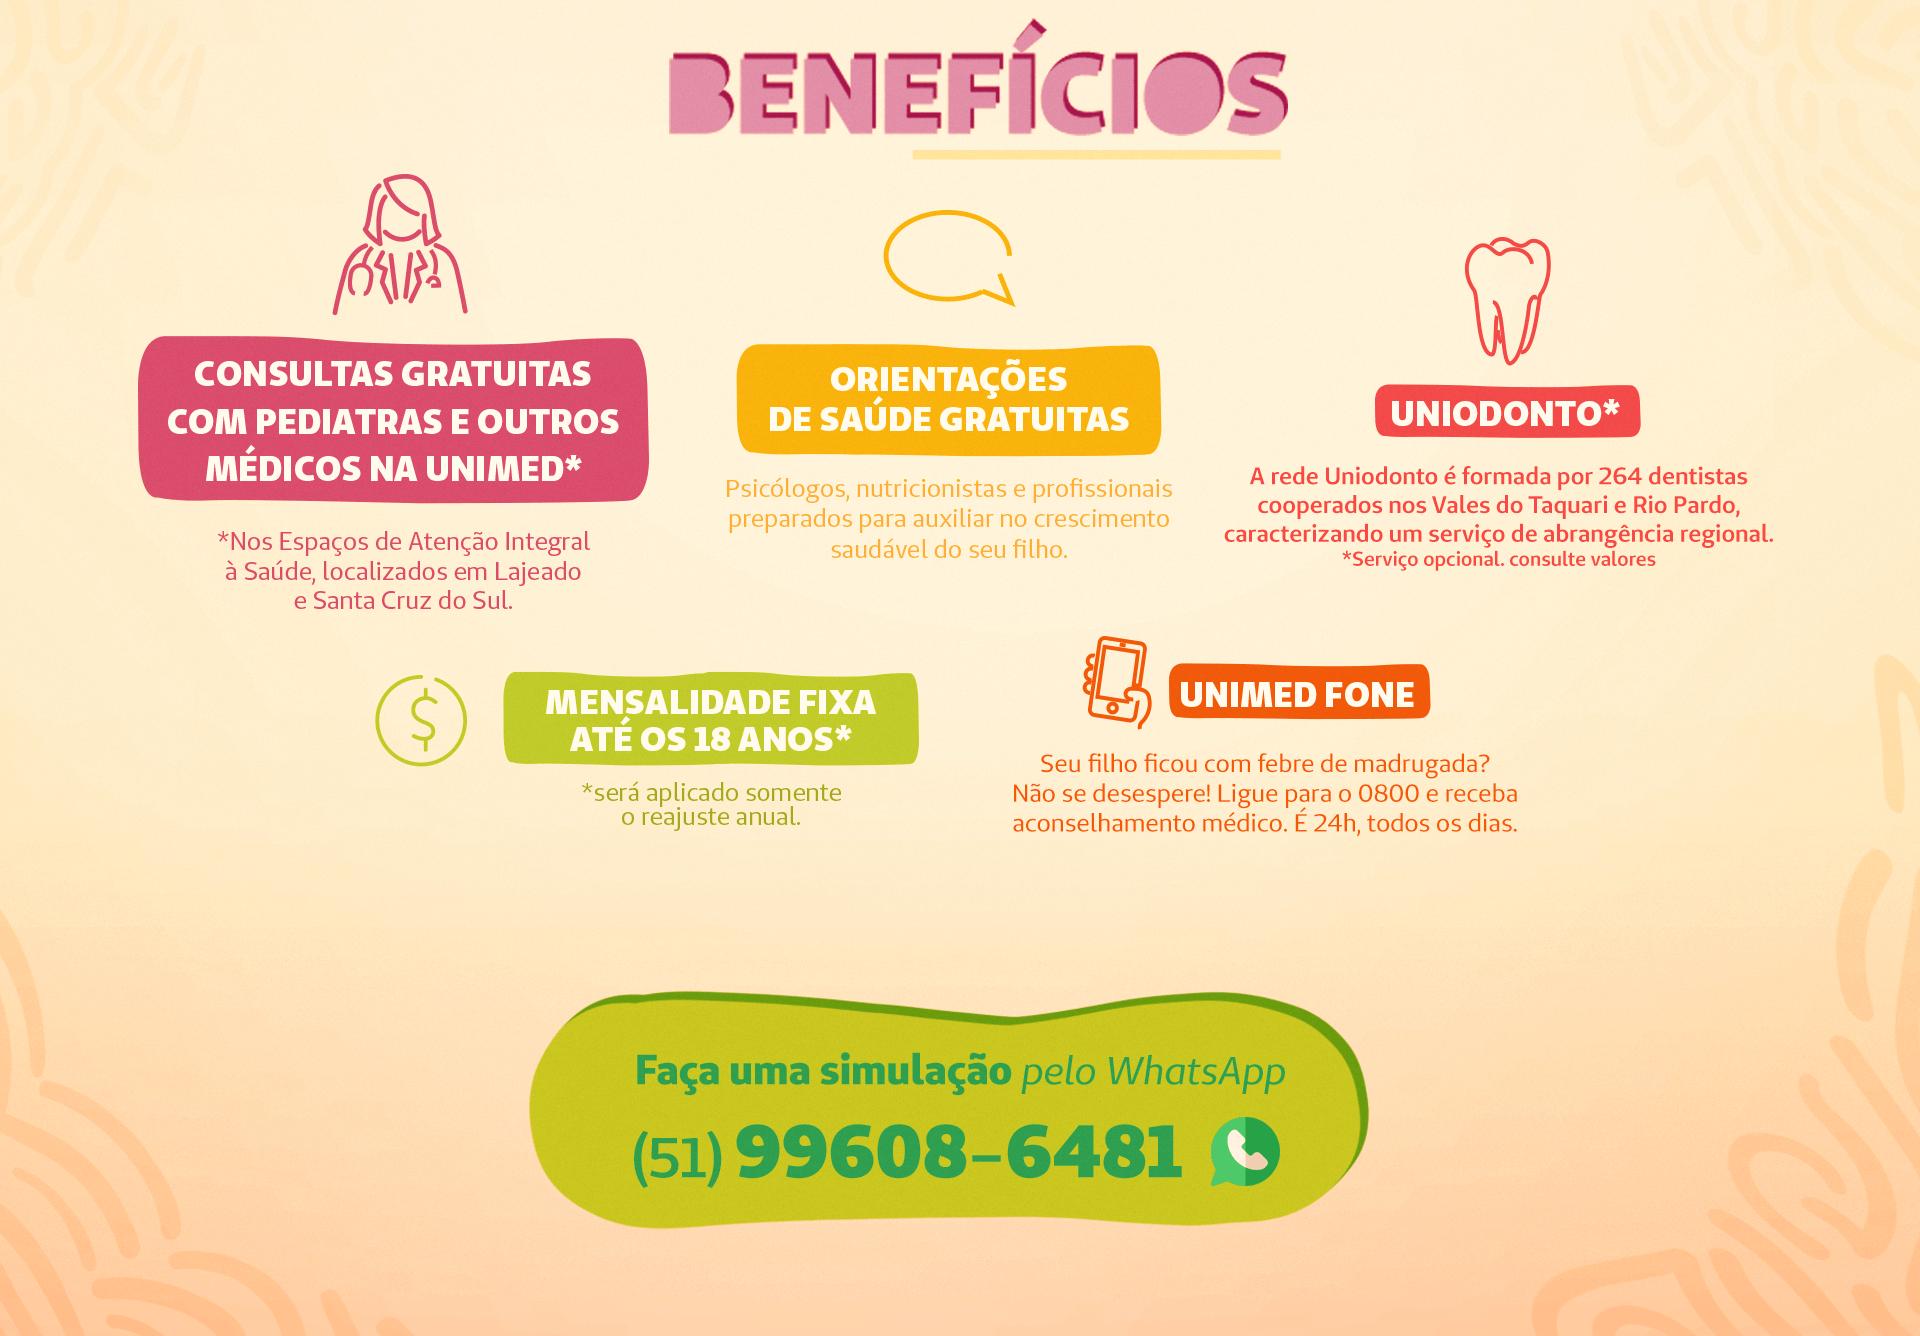 Imagem mostra benefícios Unimed